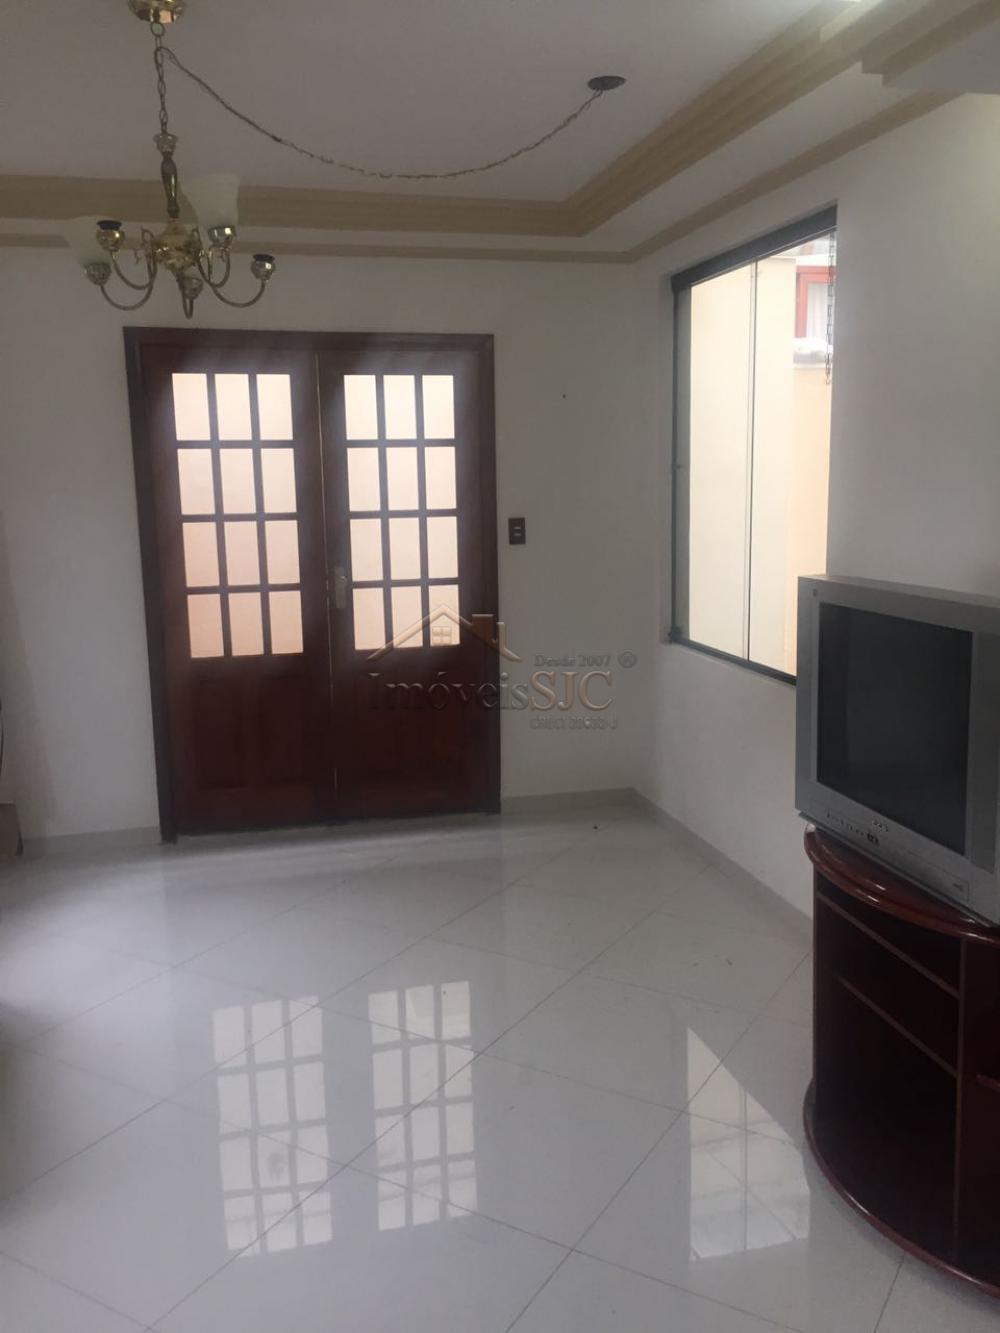 Alugar Casas / Condomínio em São José dos Campos apenas R$ 3.800,00 - Foto 2